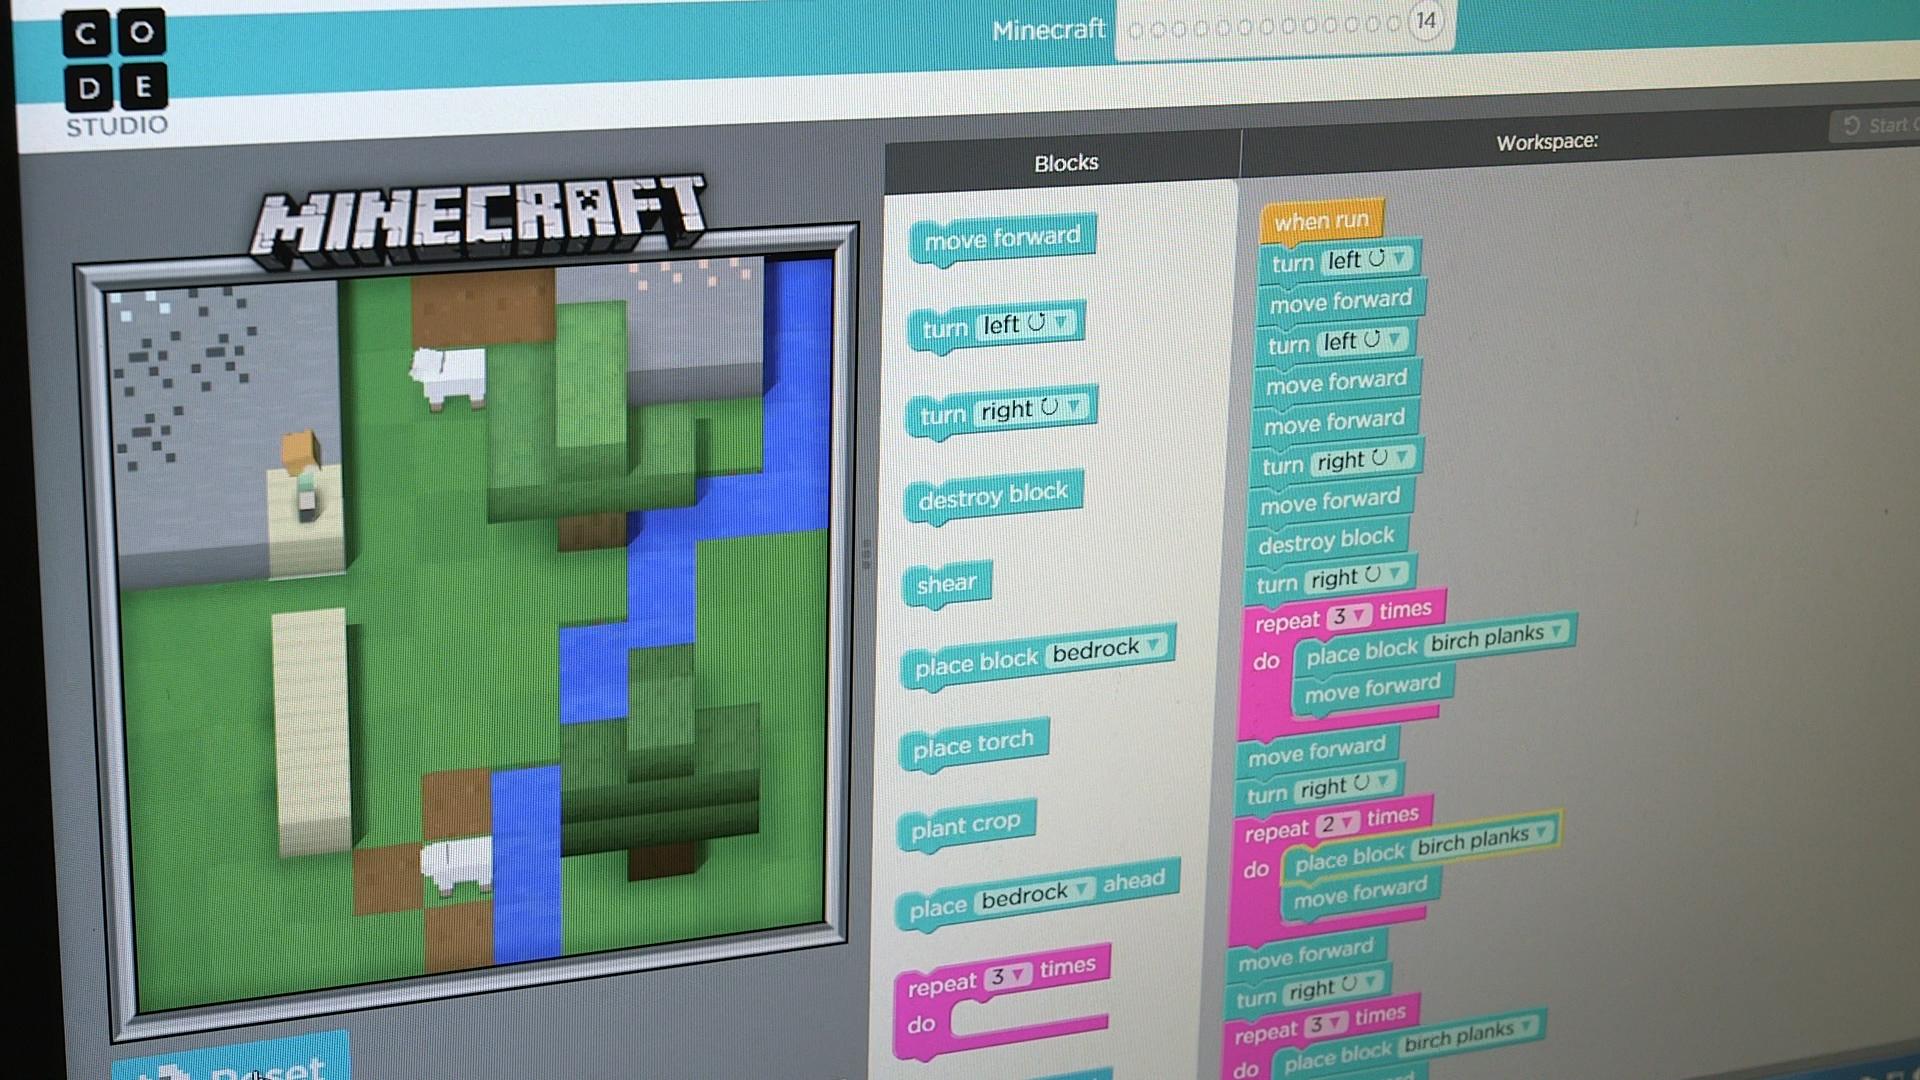 Image Minecraft 4 (1)